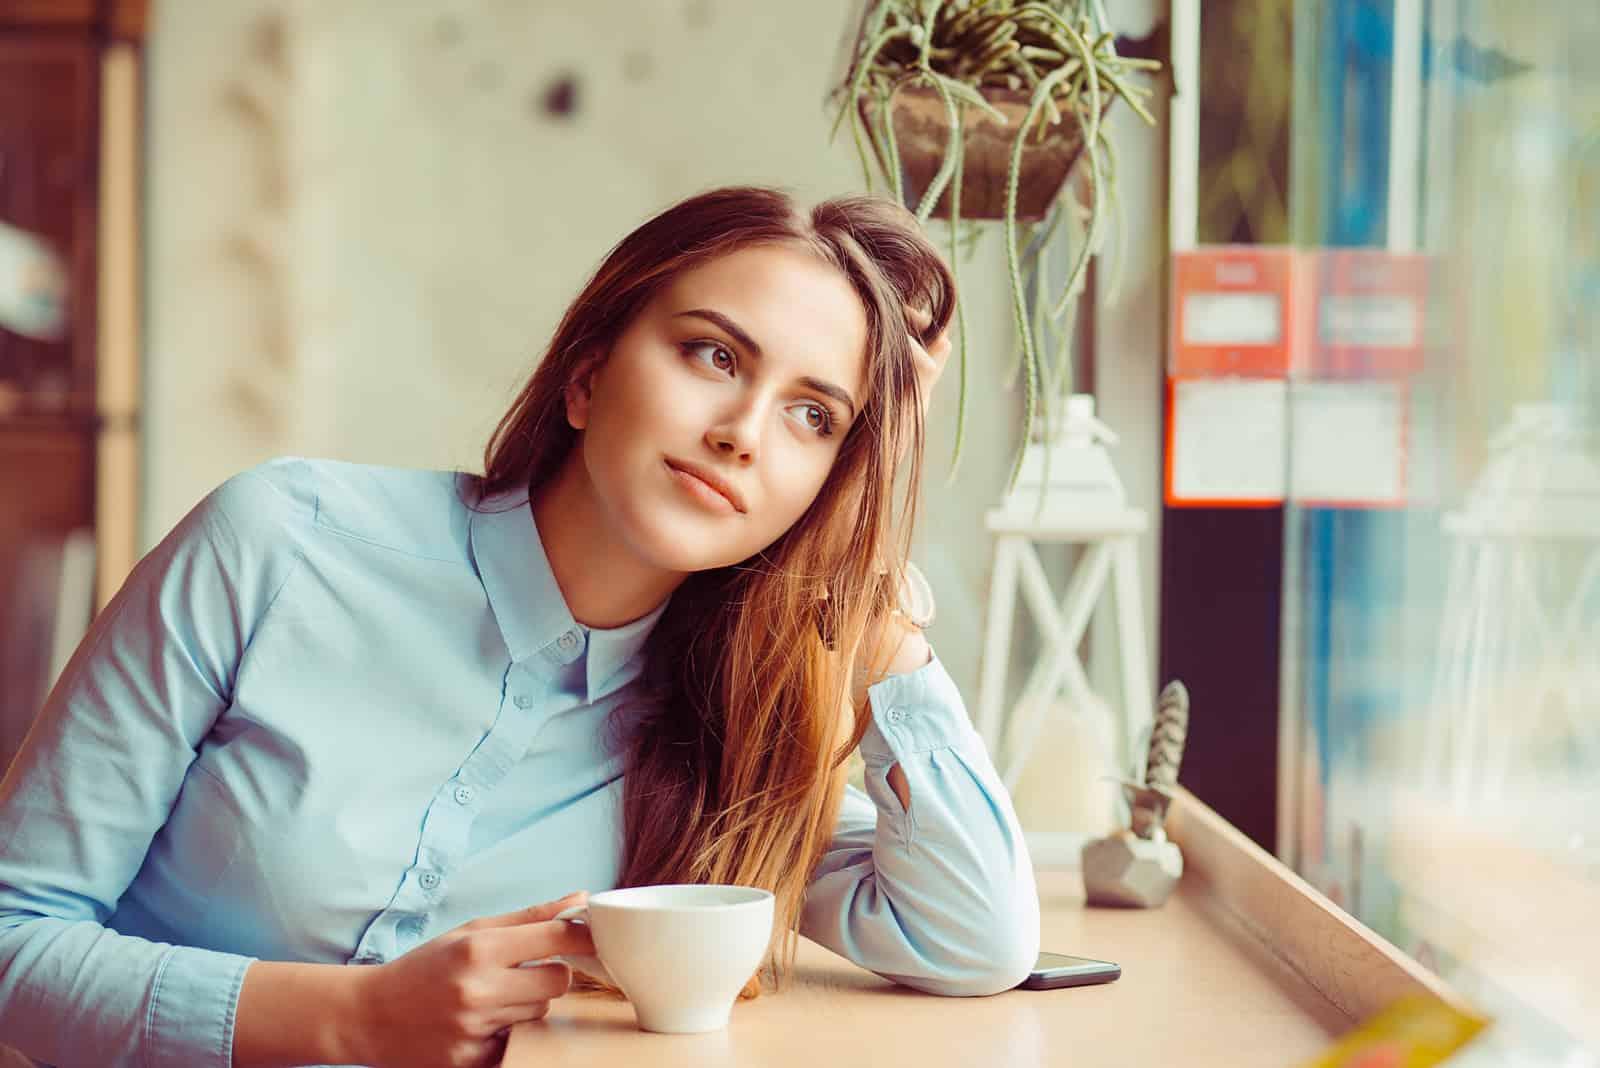 une femme imaginaire assise à une table buvant du café